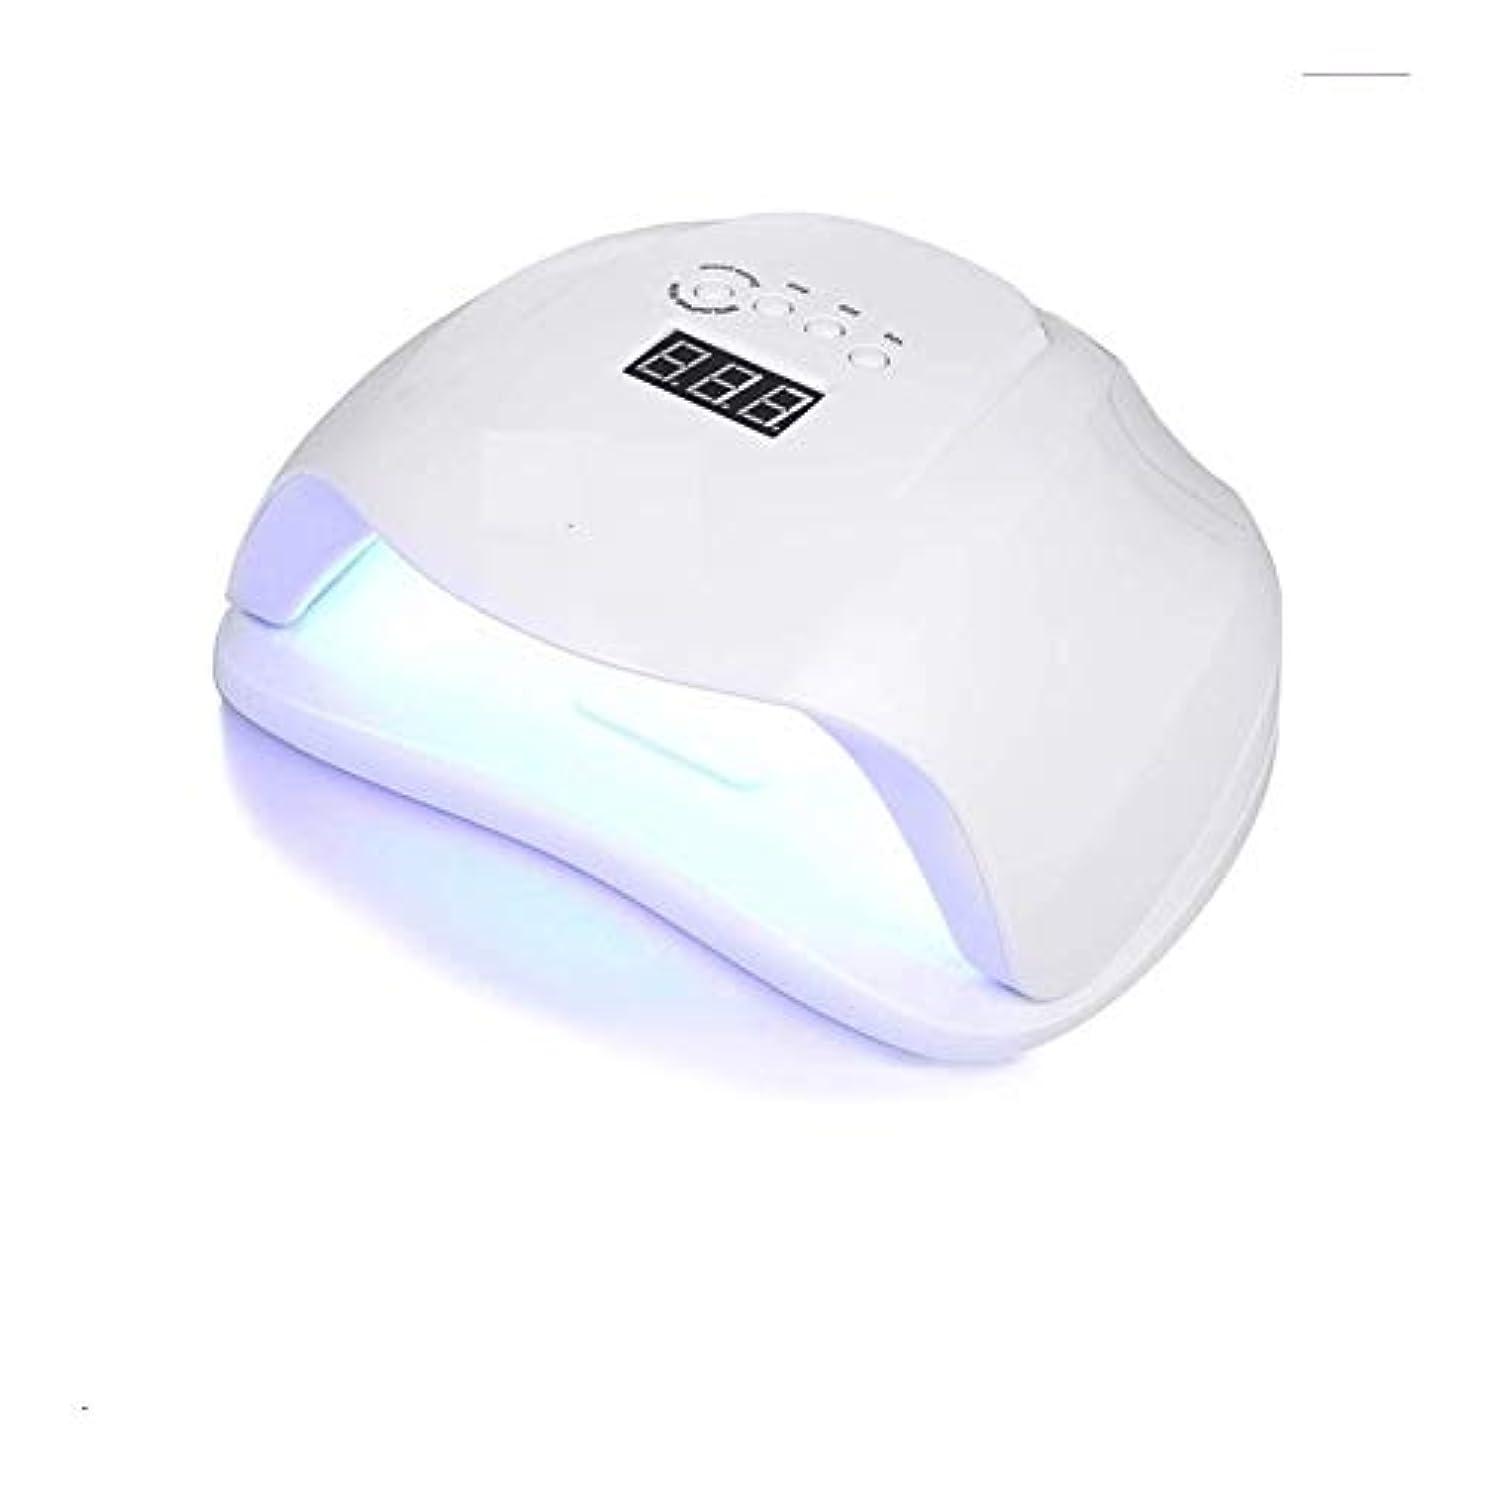 ユーモア天作業LittleCat UV誘導機械知能主導54W UVランプネイルヒートランプツールネイル (色 : American standard flat plug)